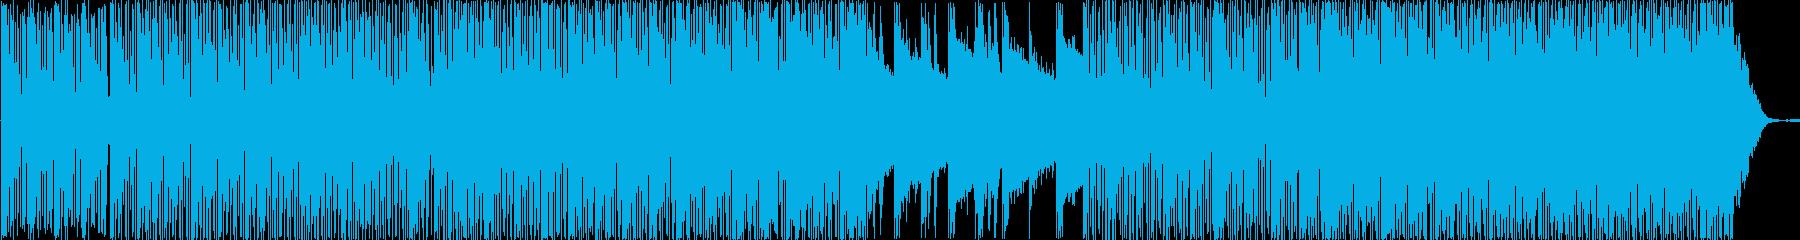 ピアノが印象的なハウステイストBGMの再生済みの波形